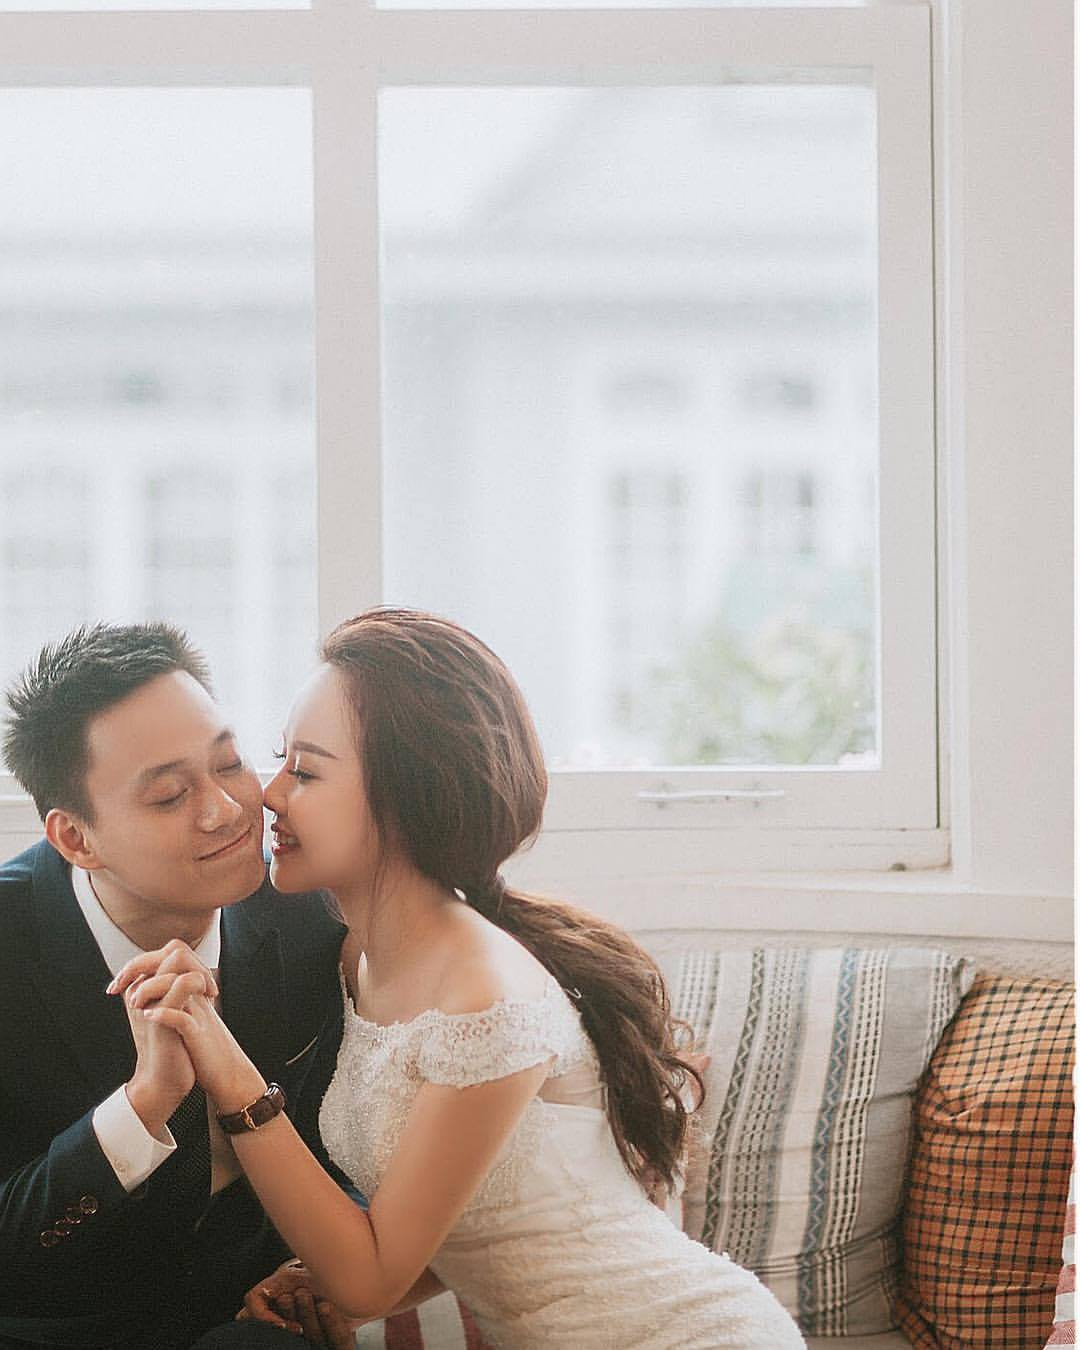 Hôm nay Nhật Anh Trắng cưới vợ, dân mạng xuýt xoa vì quá đẹp đôi - Ảnh 7.